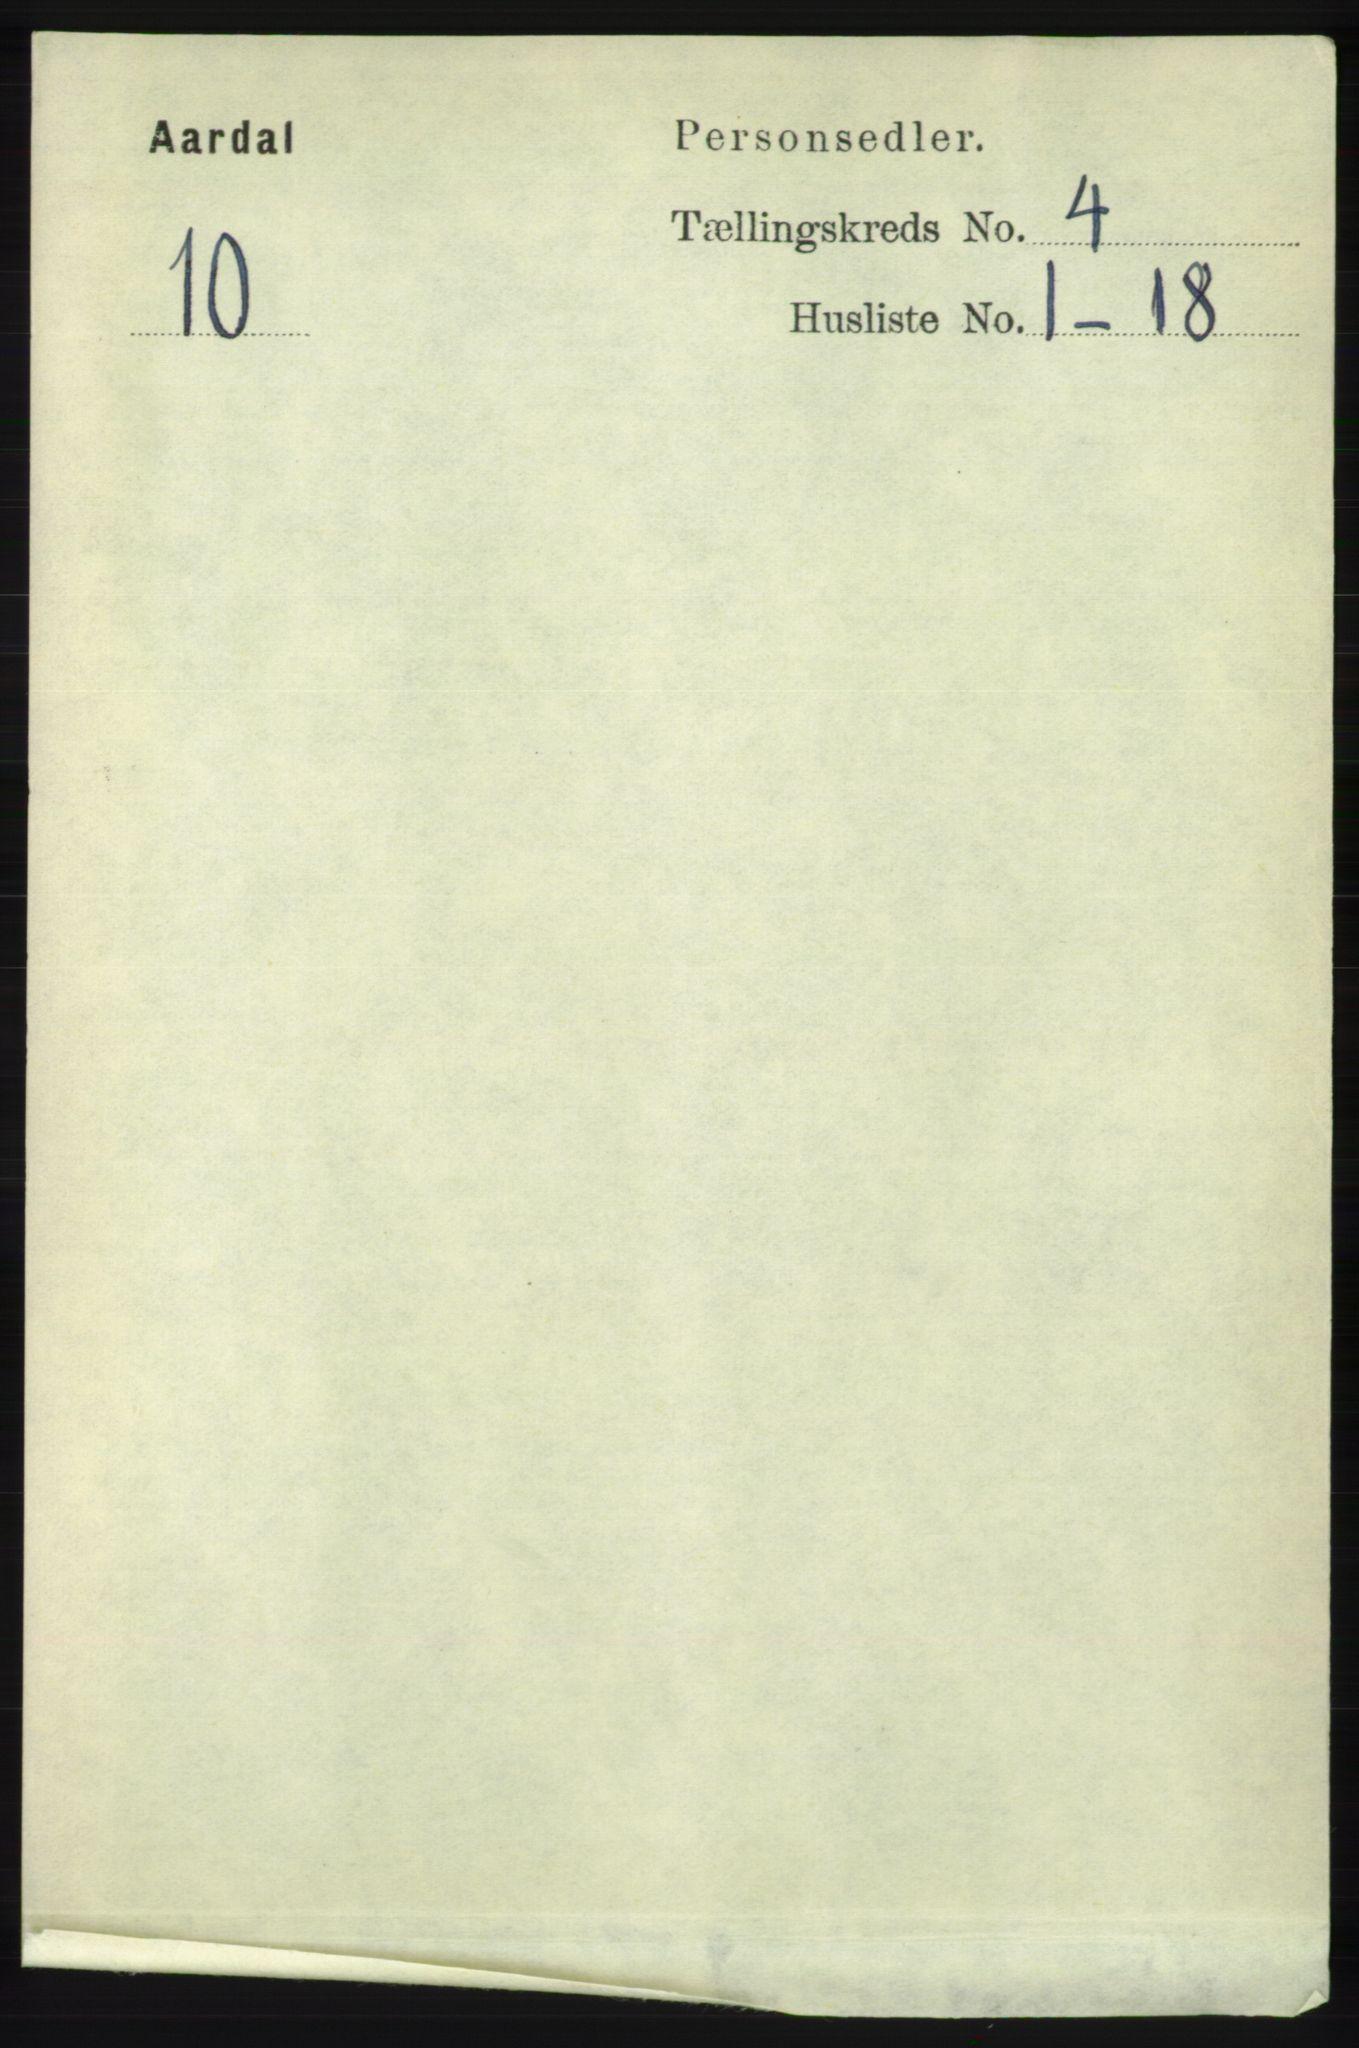 RA, Folketelling 1891 for 1131 Årdal herred, 1891, s. 1090